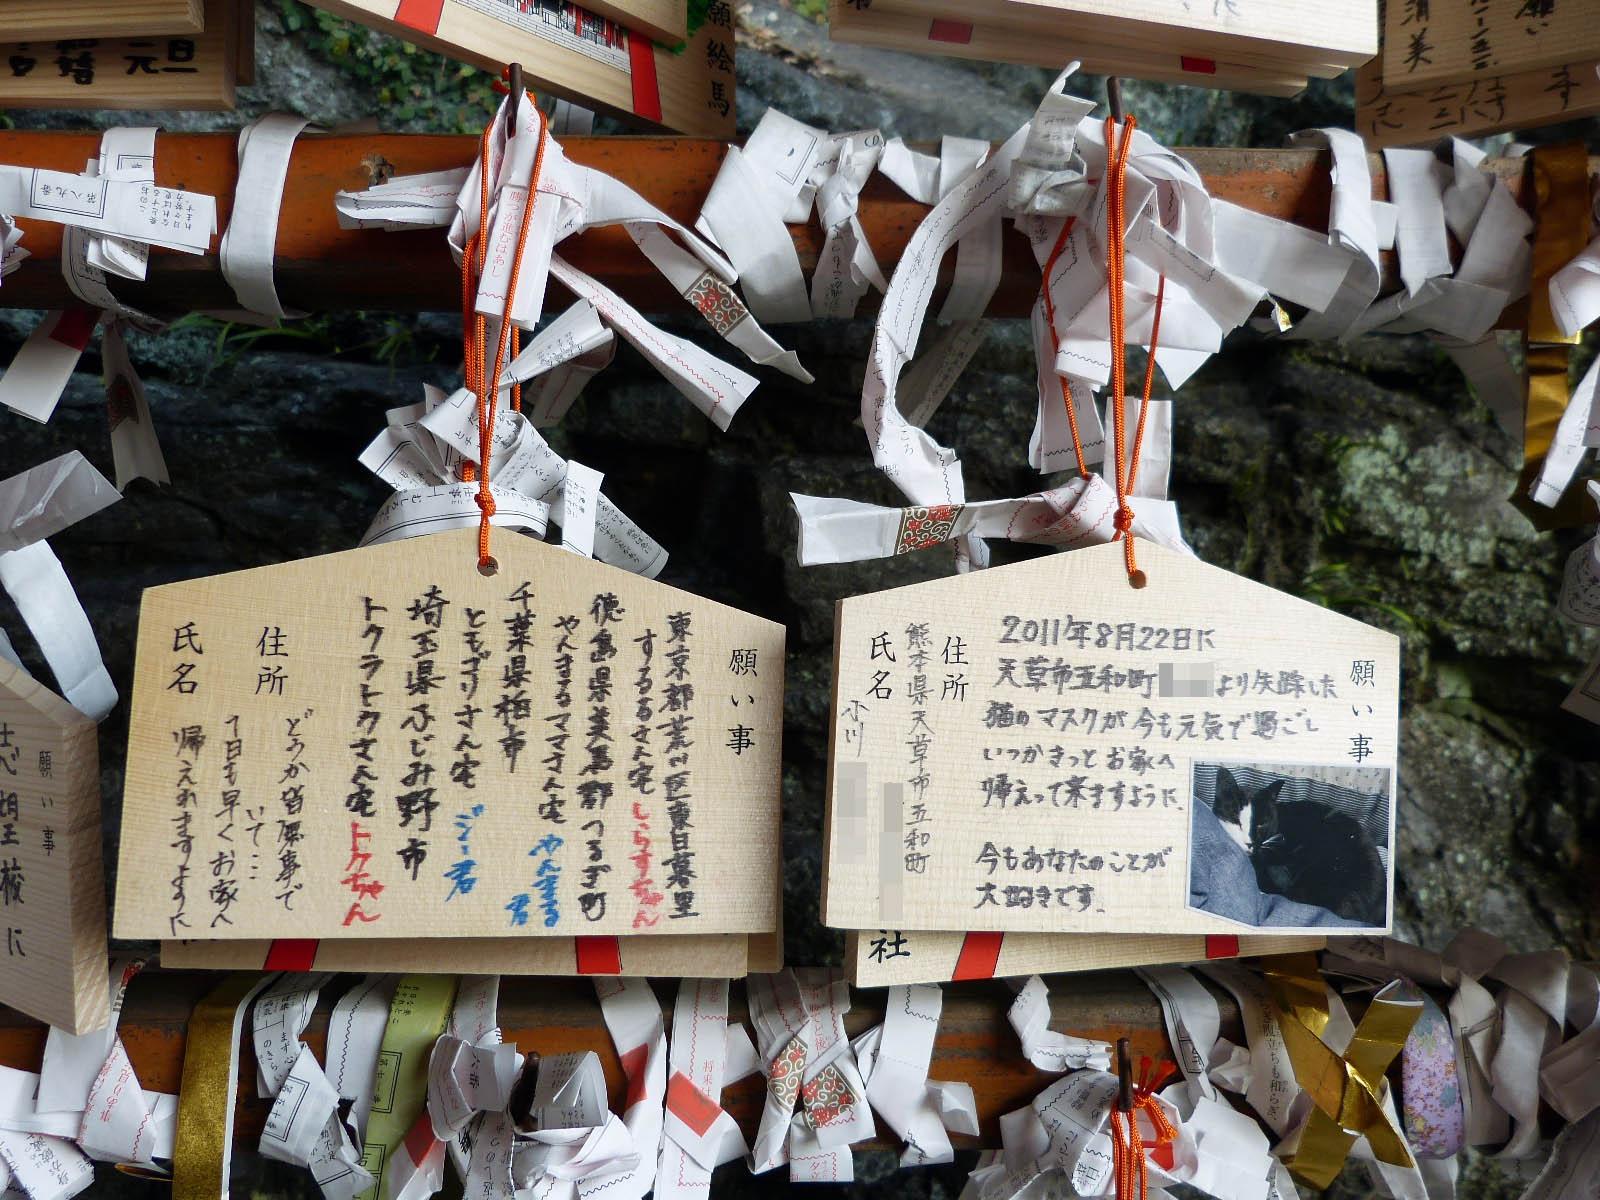 takahashi_inari_jinja_14.jpg